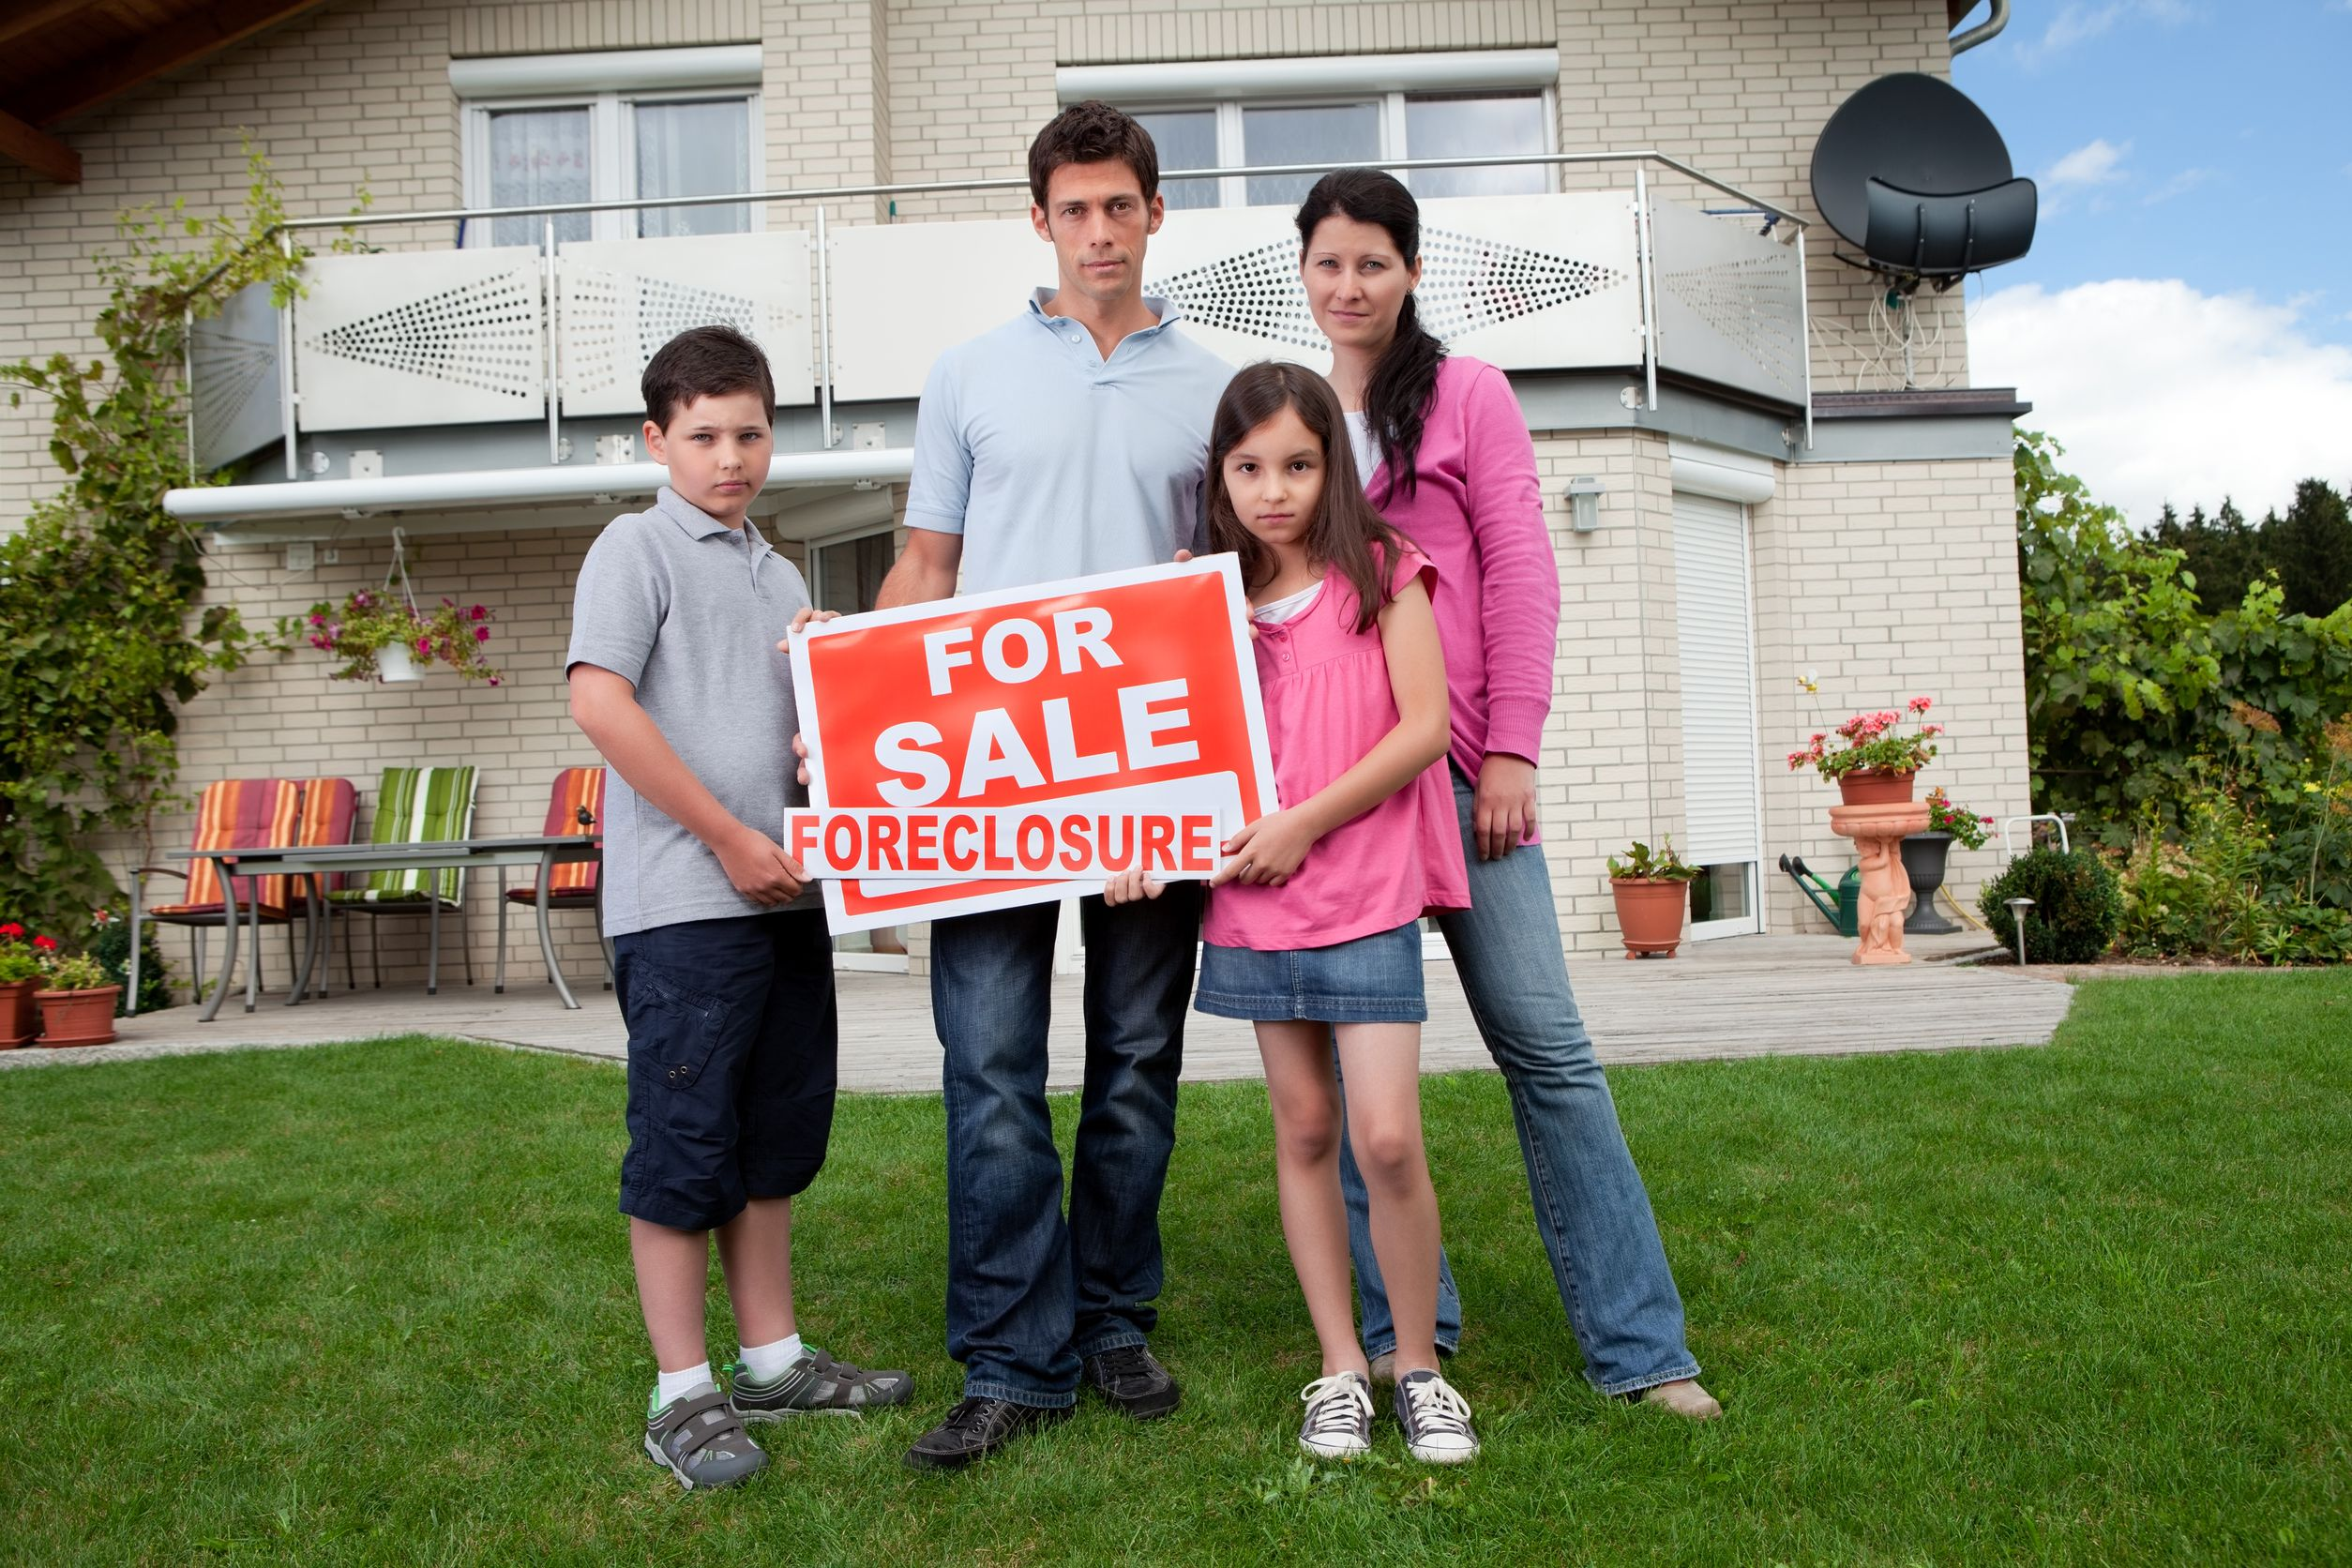 Casa all'asta: addio aggiudicazione se il prezzo è troppo basso